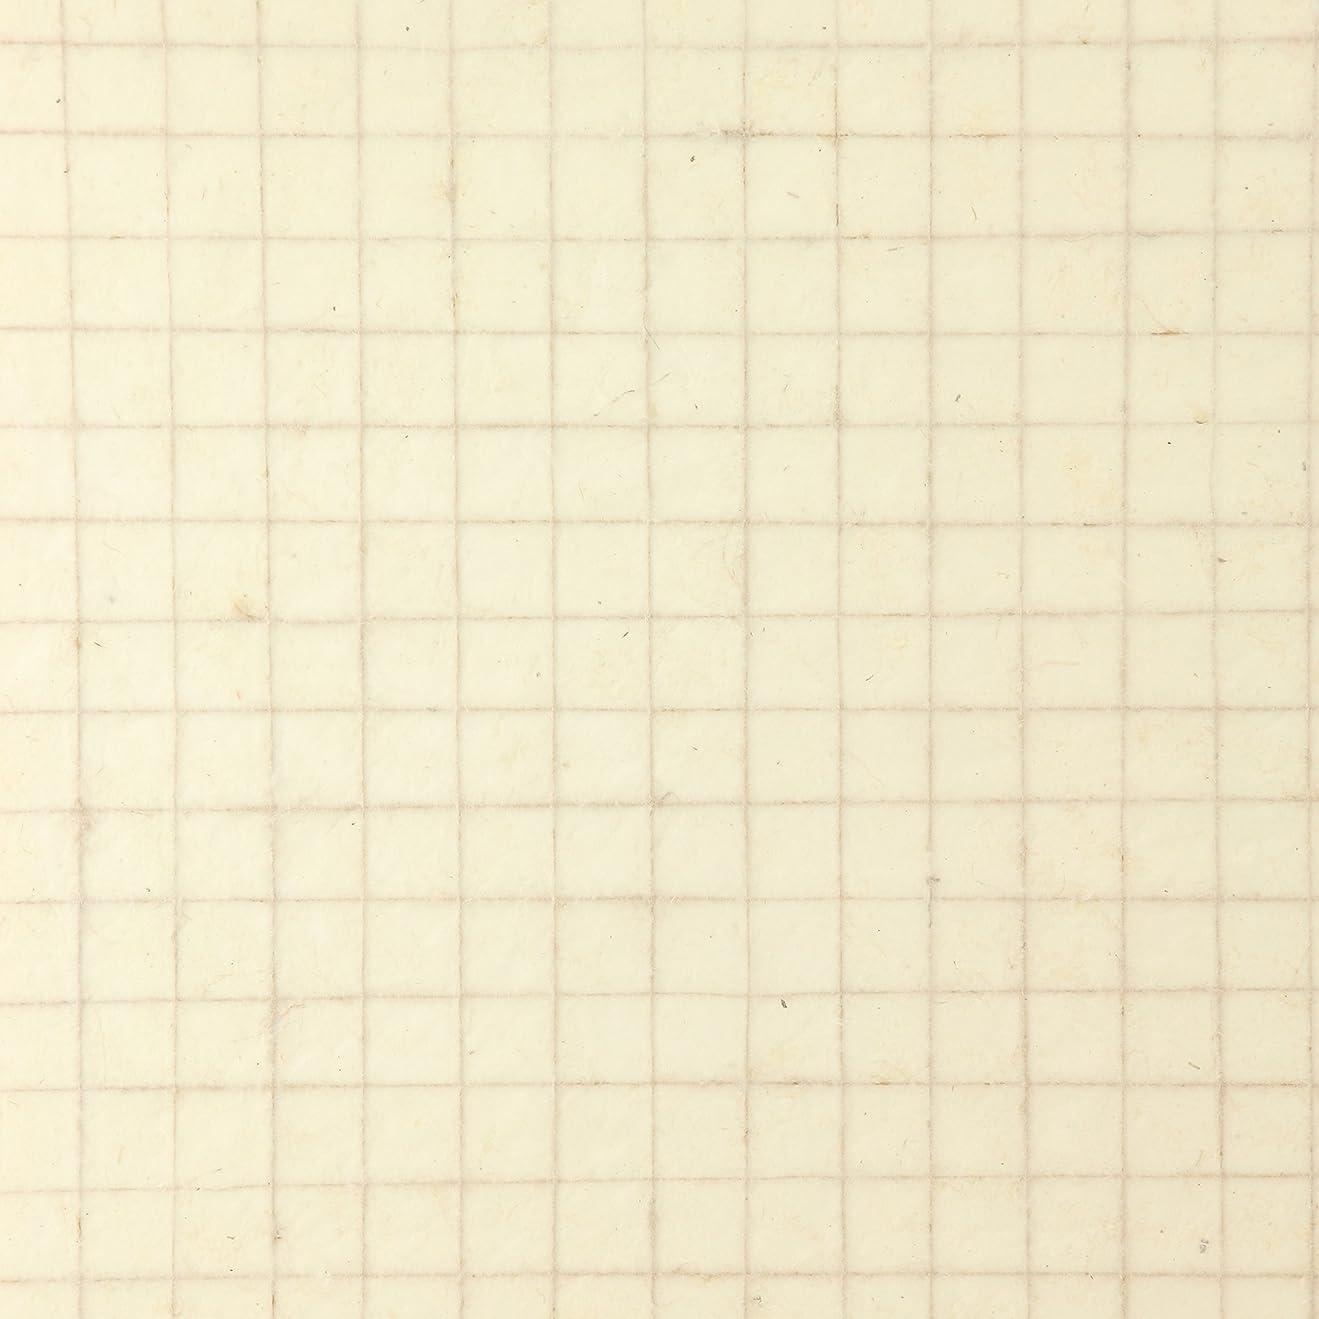 ダーリン根拠金額Simoon(シムーン) ロクタ紙 マテリアル ラティス SM-27 C01 ヒマラヤ 手漉き紙 ナチュラル クラフトペーパー 高さ75×幅51cm